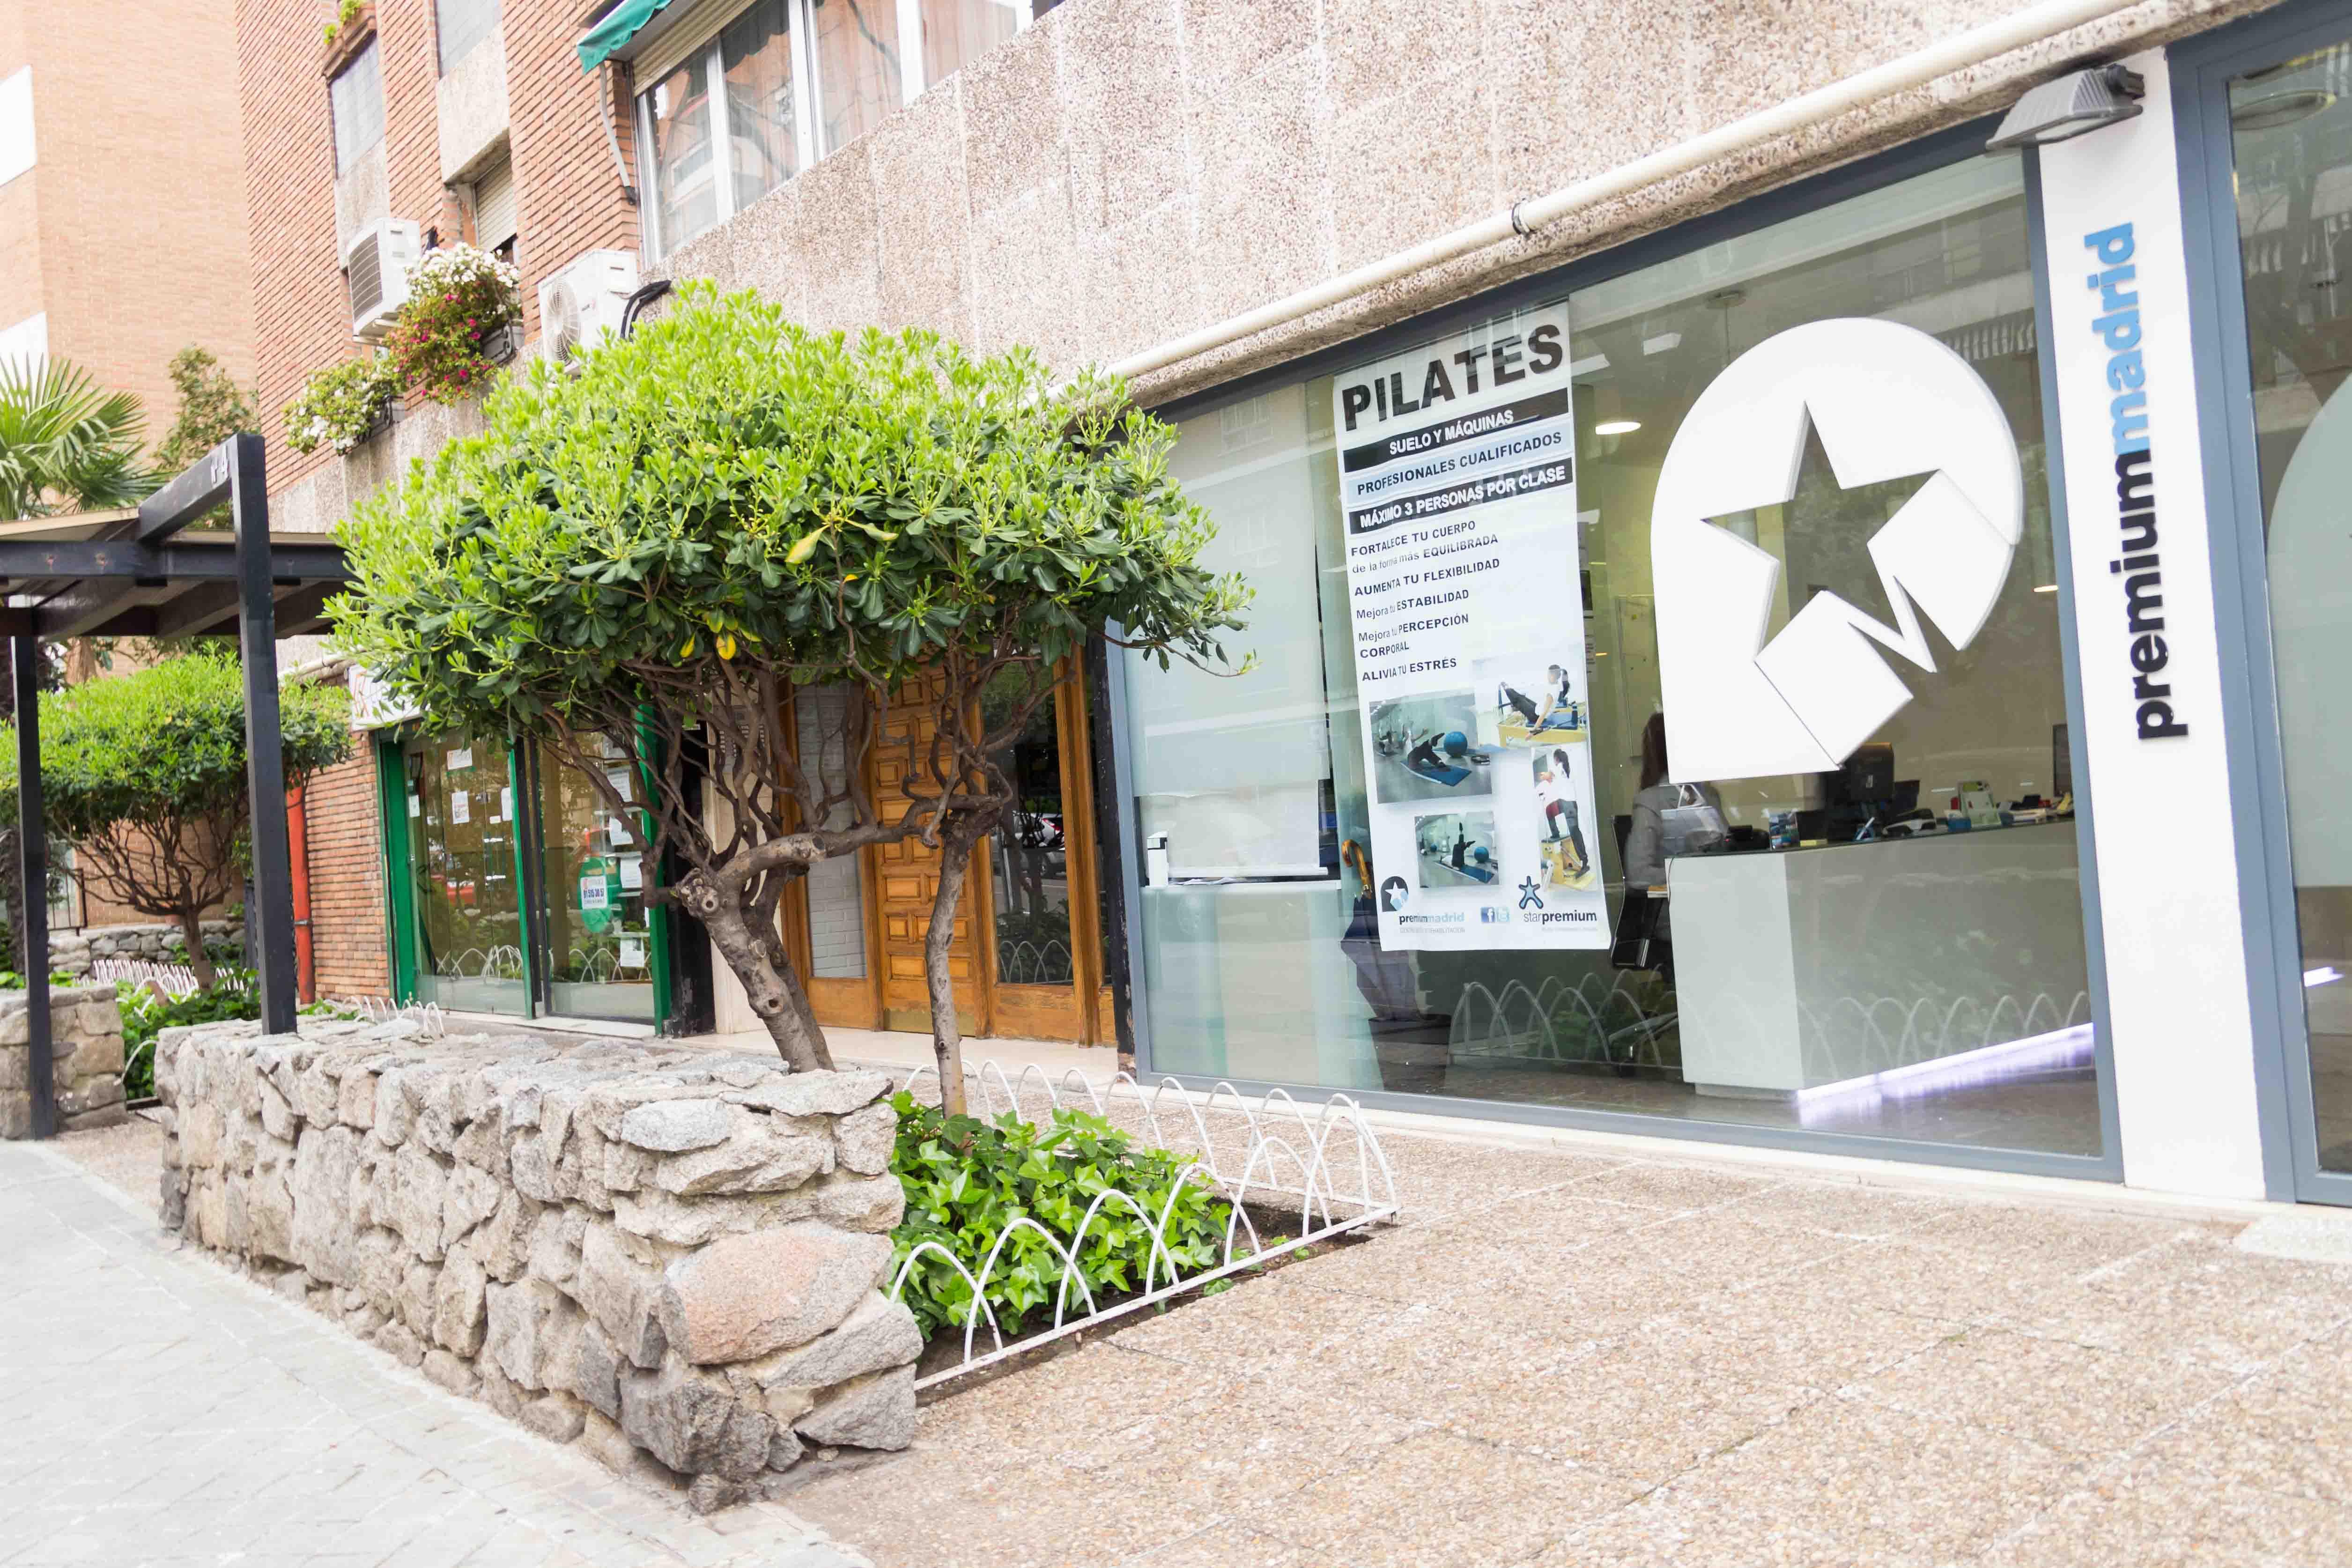 El servicio de fisioterapia abierto los s bados for Banco abierto sabado madrid